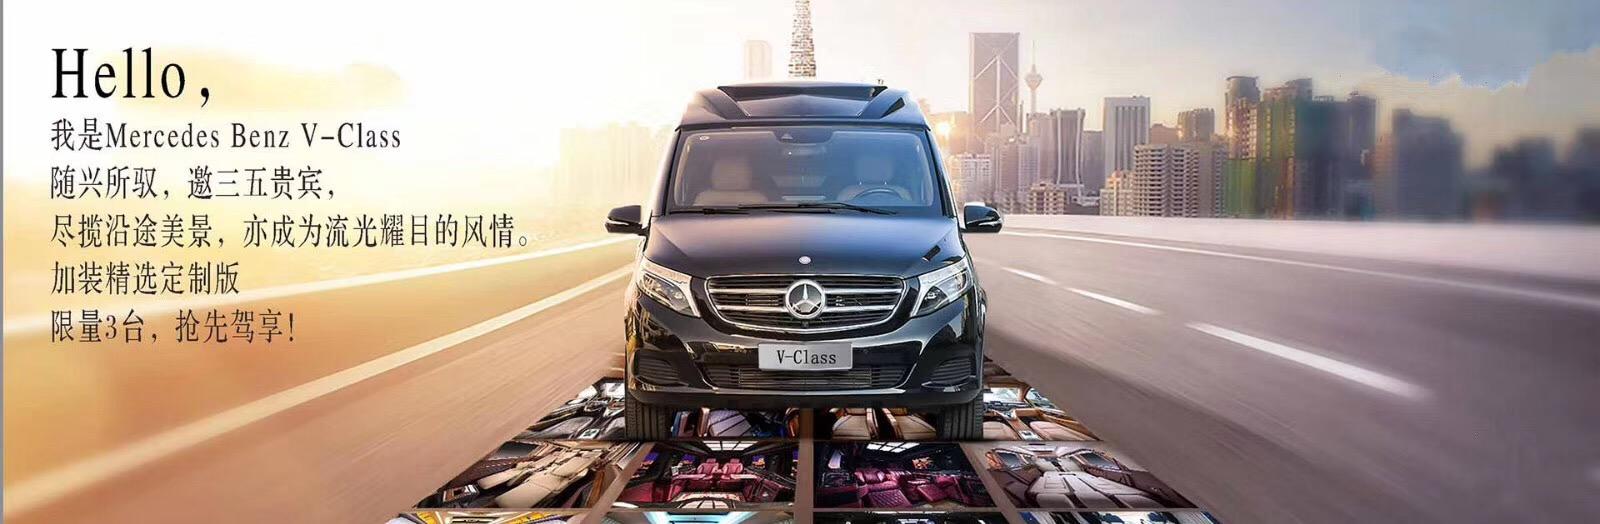 福建奔驰v级商务车vclass改装 价格及图片 大图2